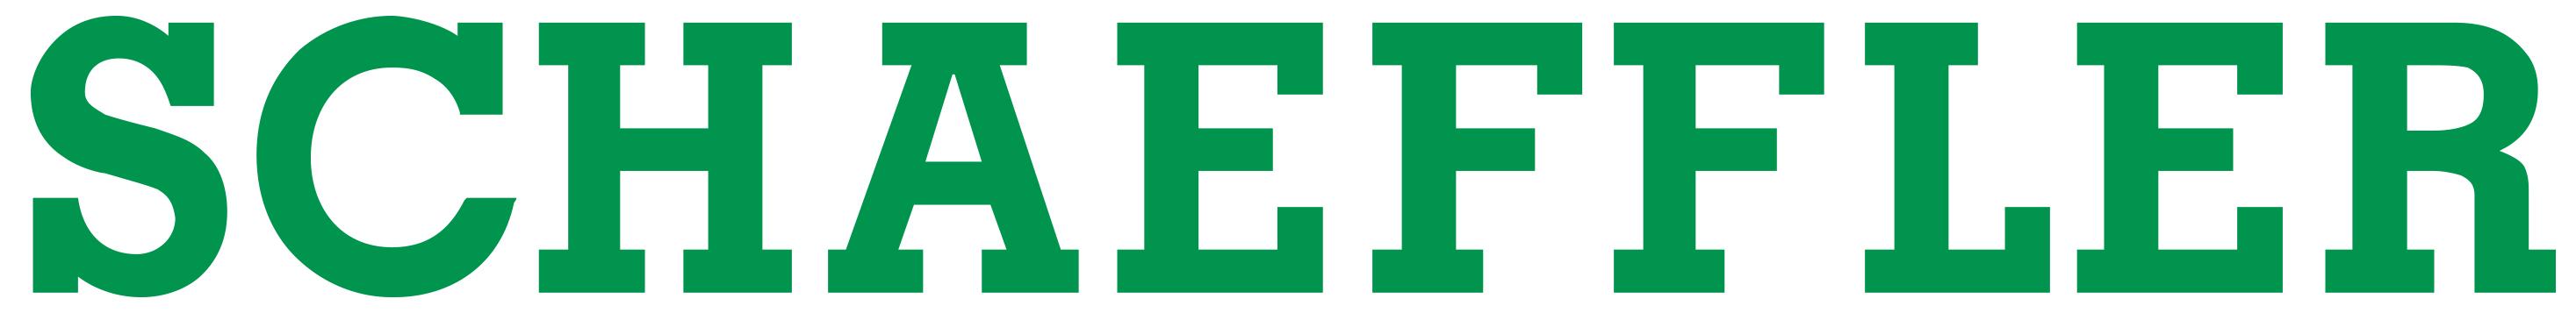 Schaeffler-Logo - ADIX Technik